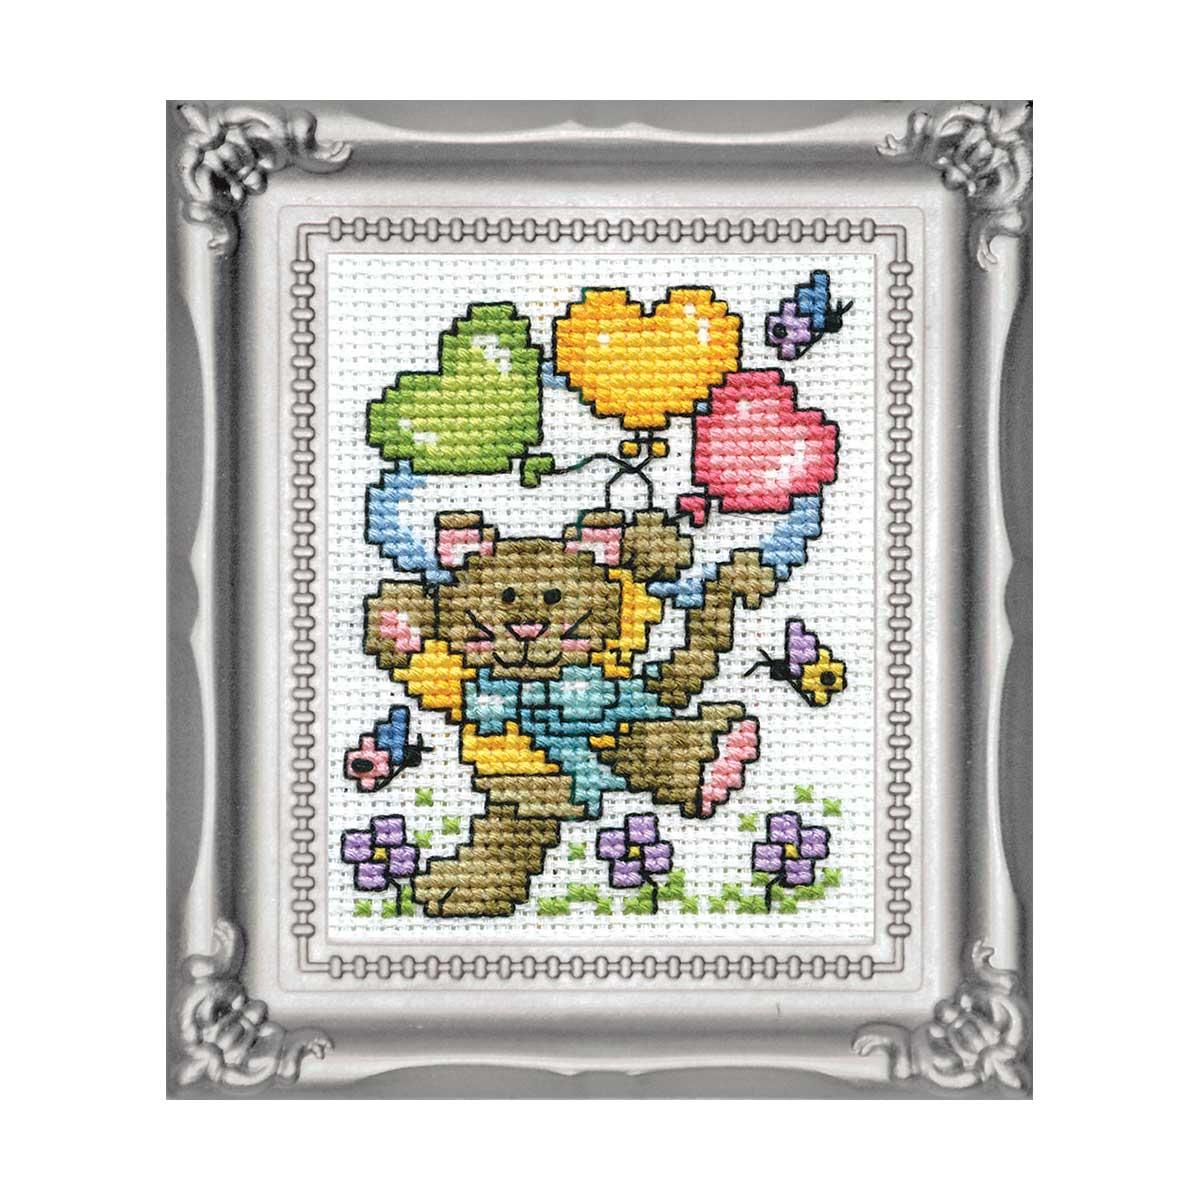 604 DWC Набор для вышивания 'Кот с воздушными шарами' 5х8 см